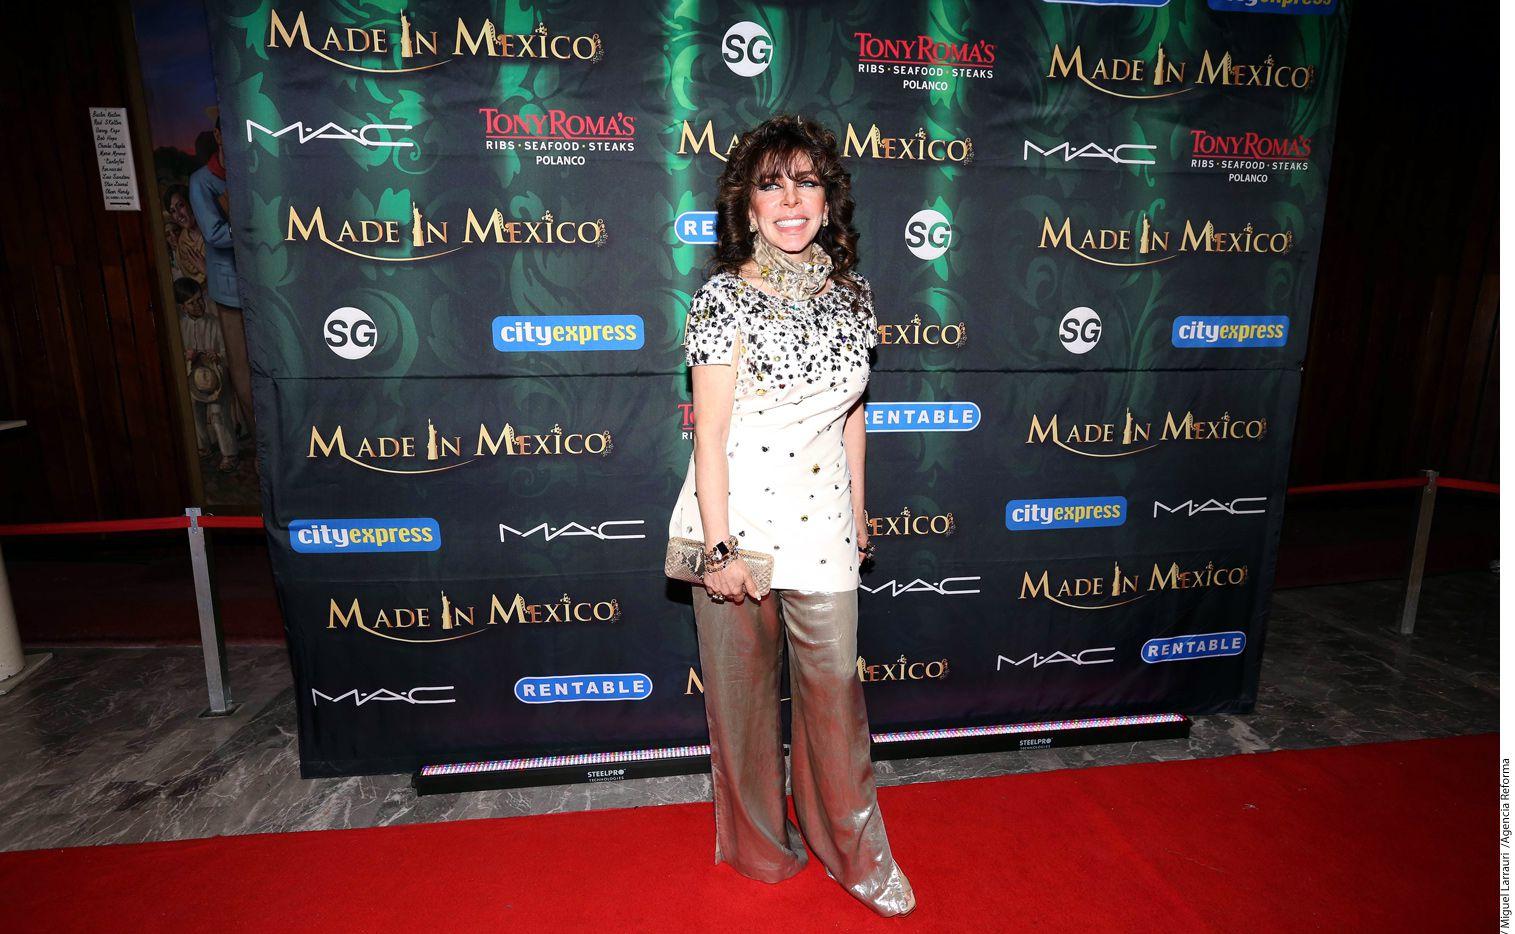 La actriz Verónica Castro fue intervenida quirúrgicamente debido a una lesión en el hombro, de acuerdo con el periodista Alex Kaffie./ AGENCIA REFORMA